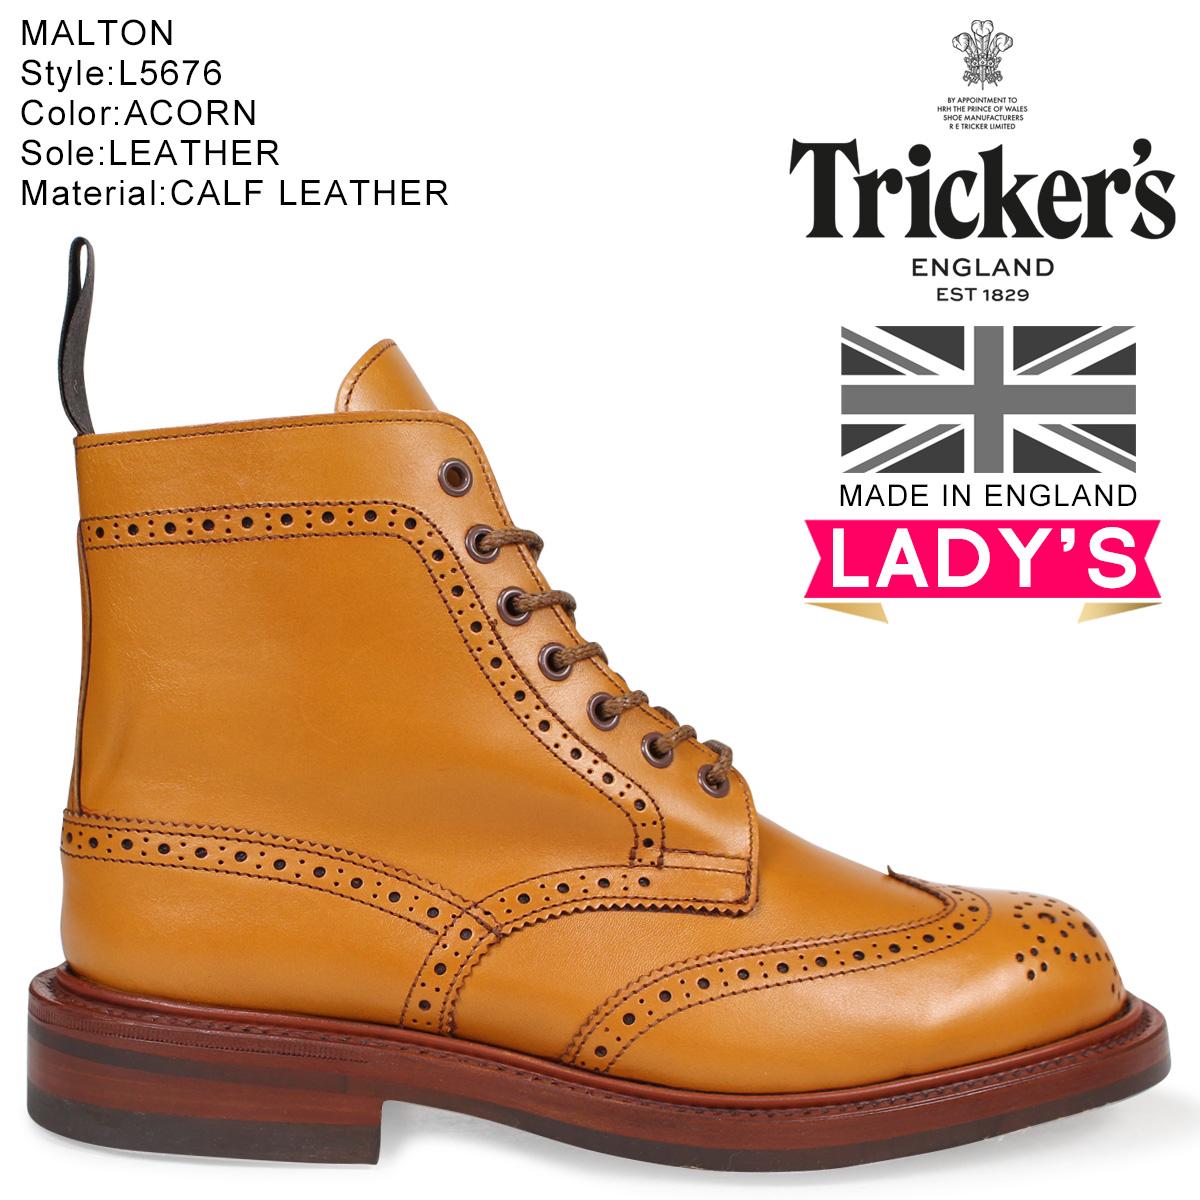 Trickers トリッカーズ レディース カントリーブーツ STEPHY L5676 4ワイズ ライトブラウン